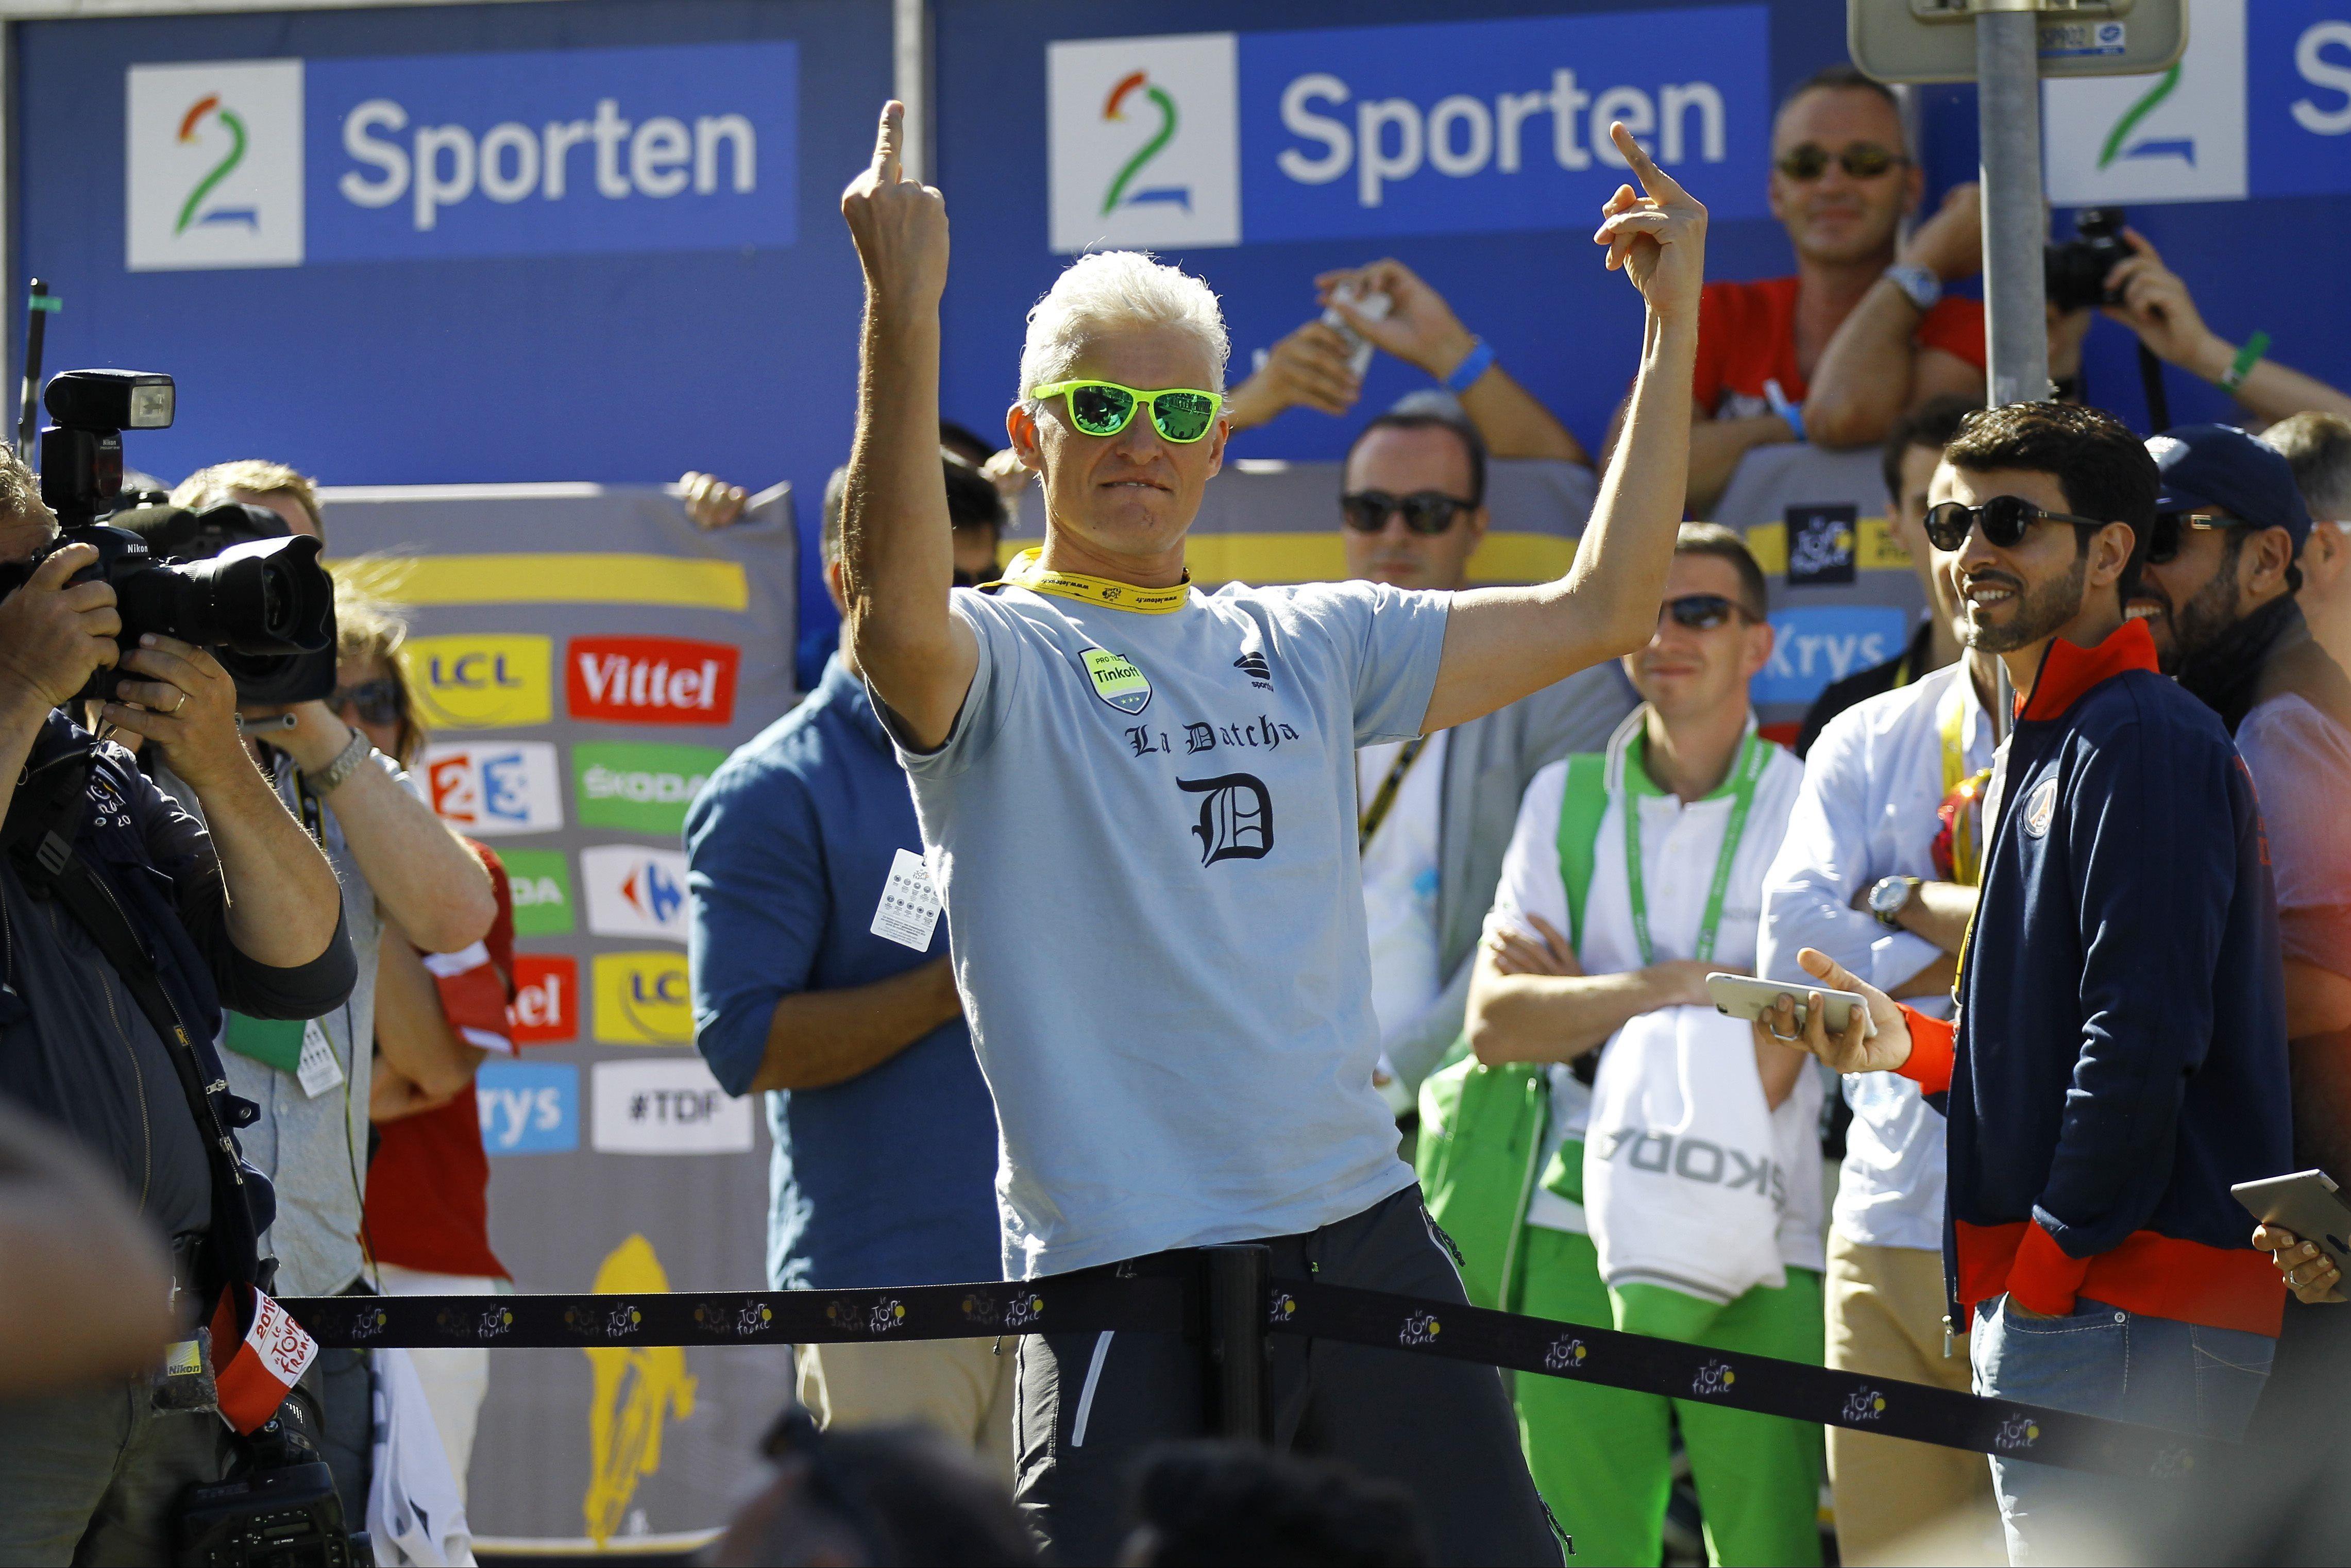 Cyclisme - Oleg Tinkov : «Je n'aime pas Contador»